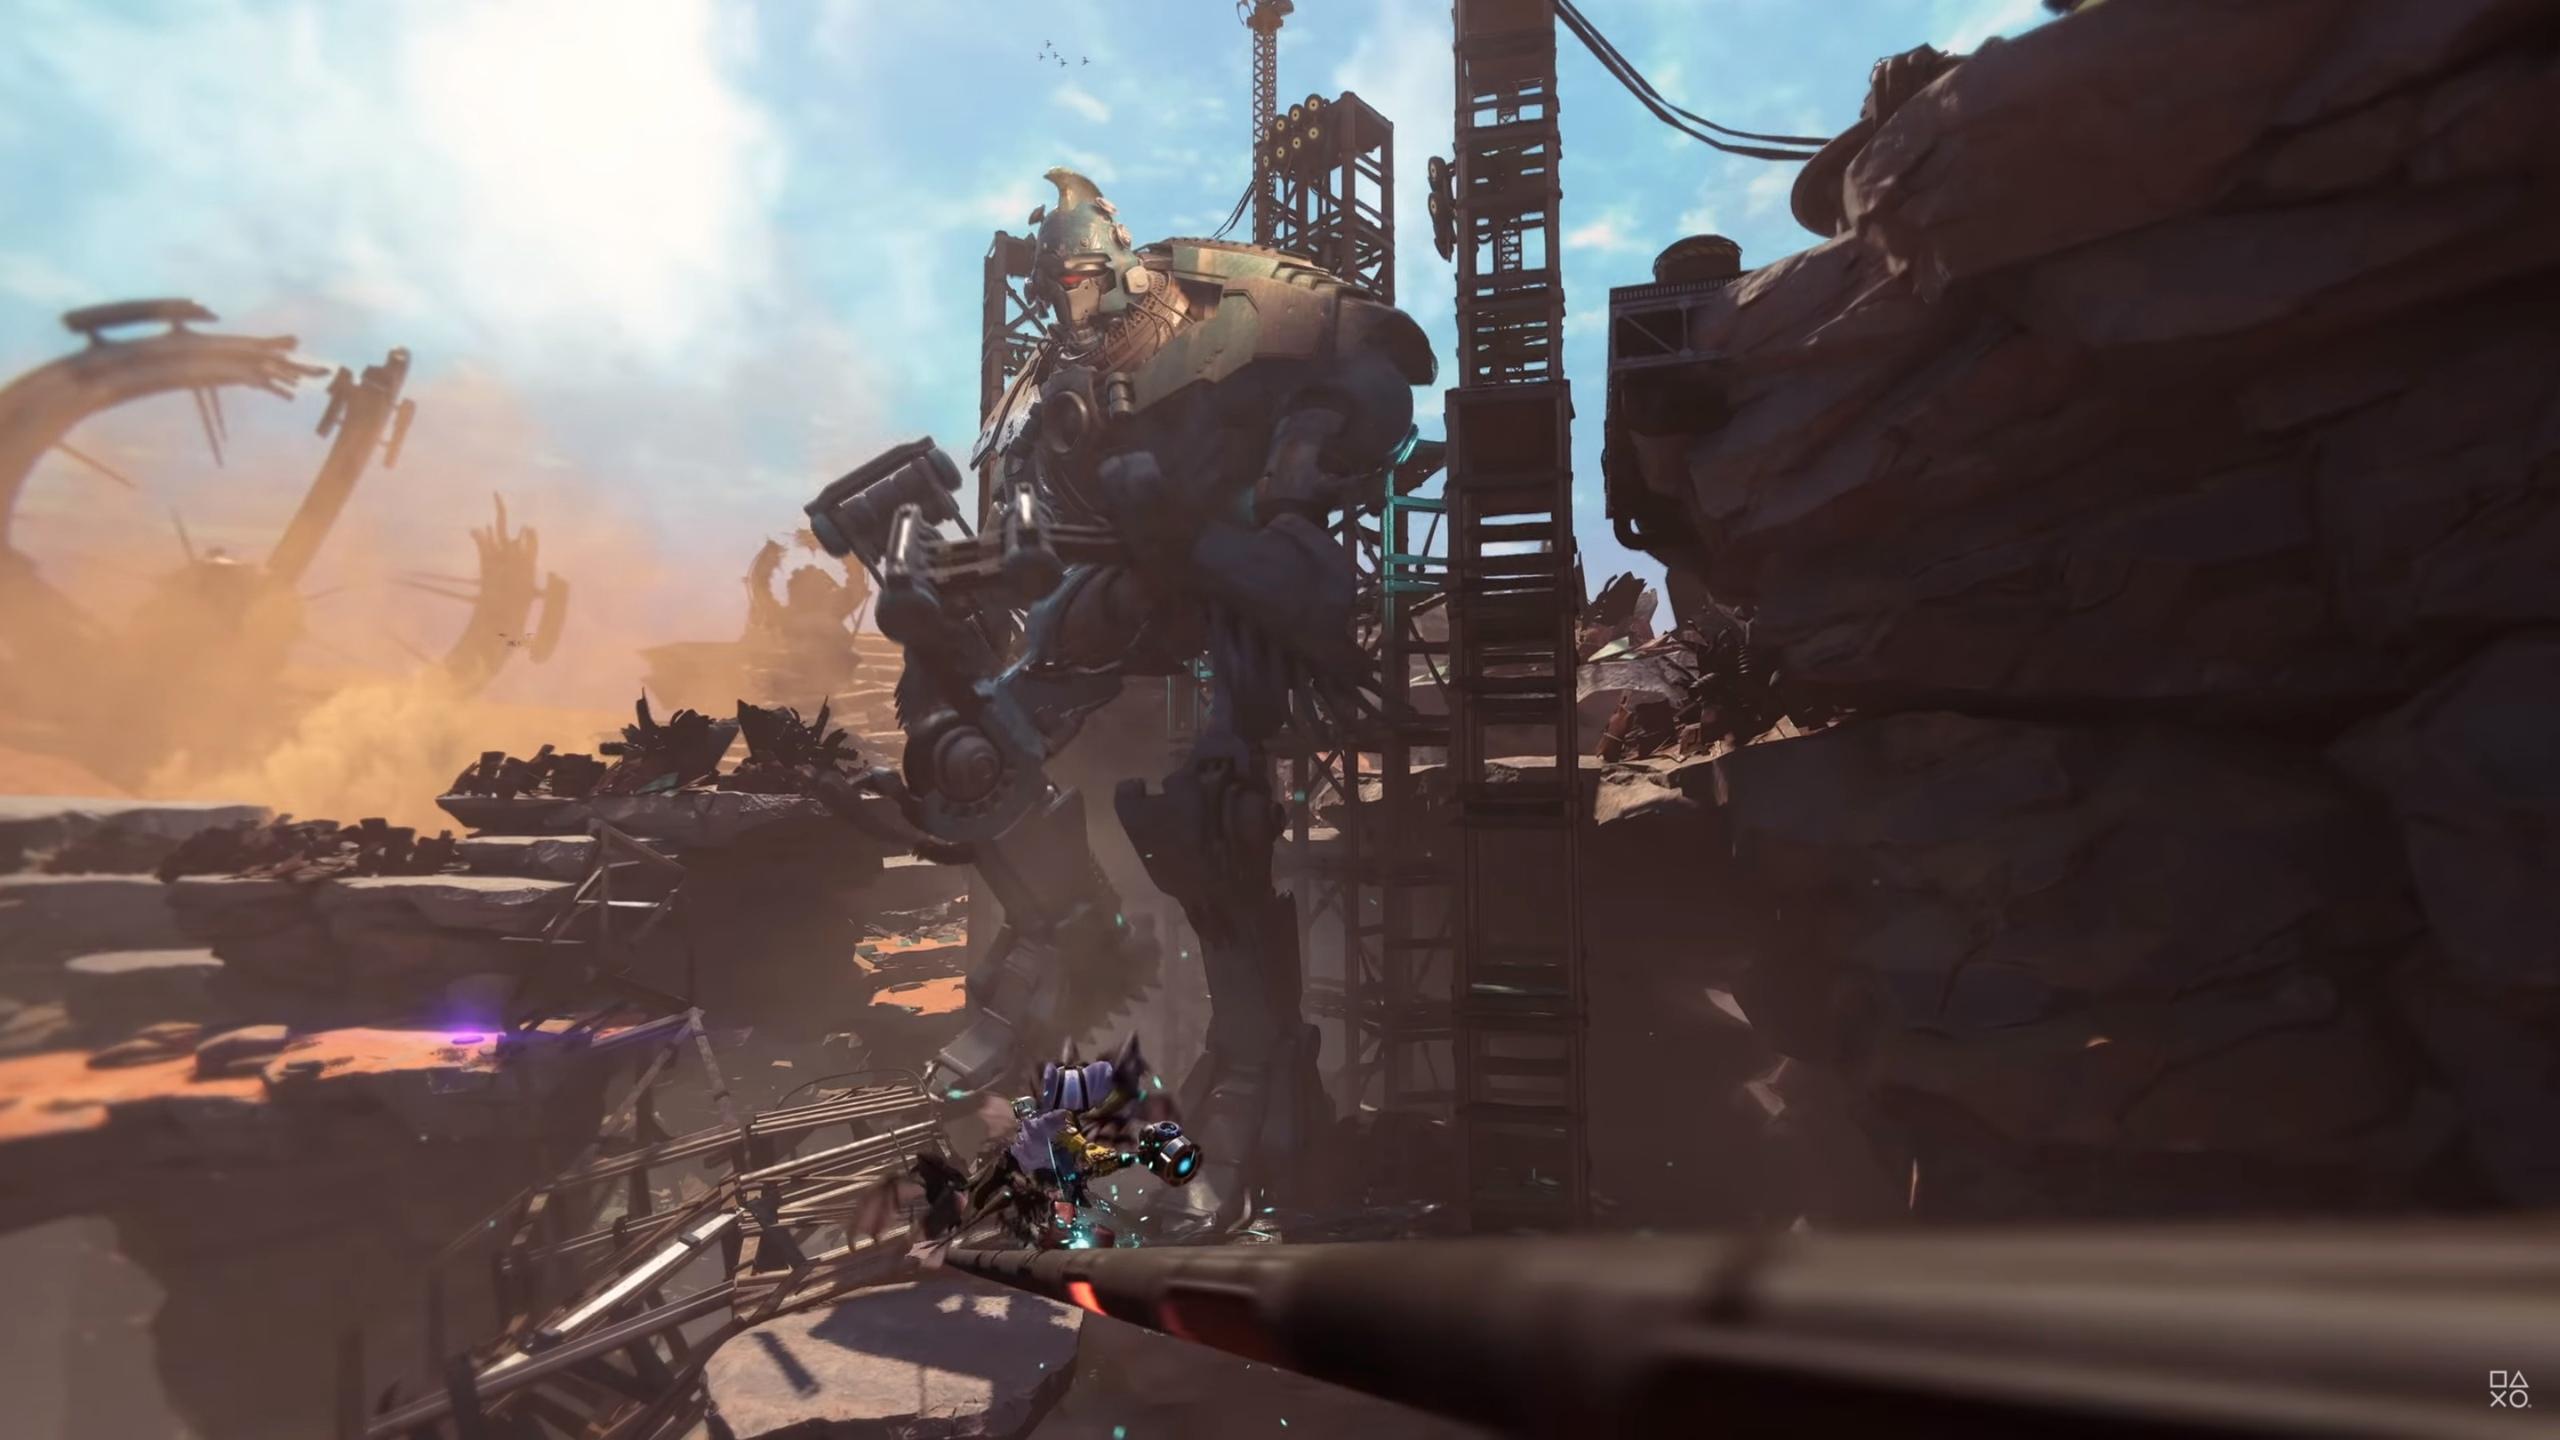 Insomniac Games рассказала, что в Ratchet & Clank: Rift Apart будет доступен фото-режим